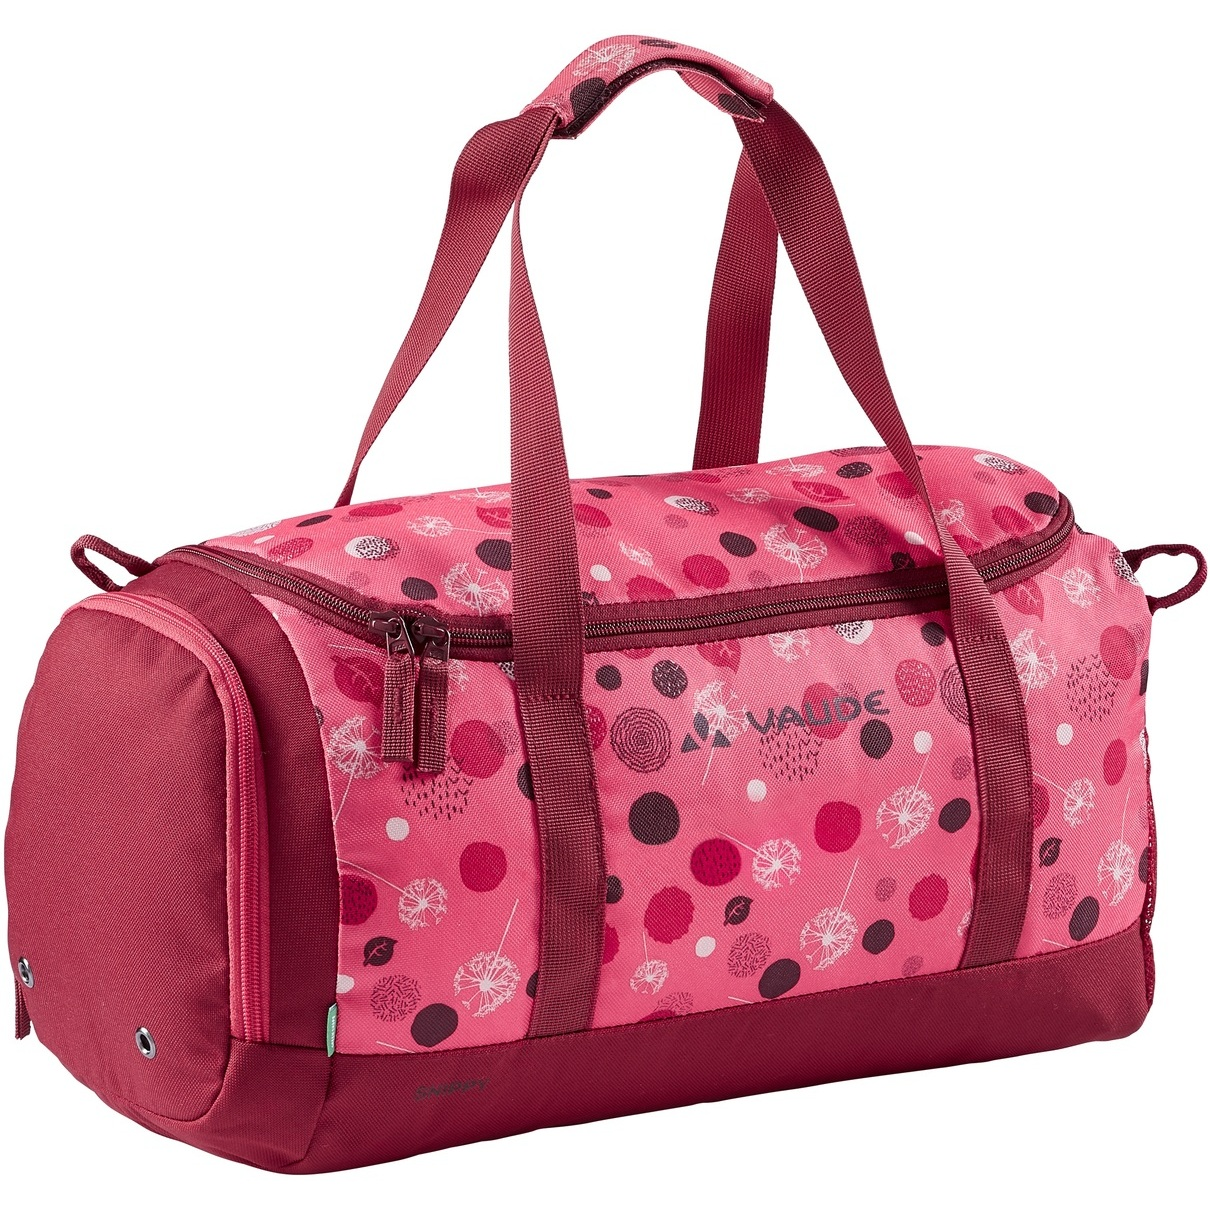 Vaude Snippy Reise-/Sporttasche für Kinder - bright pink/cranberry